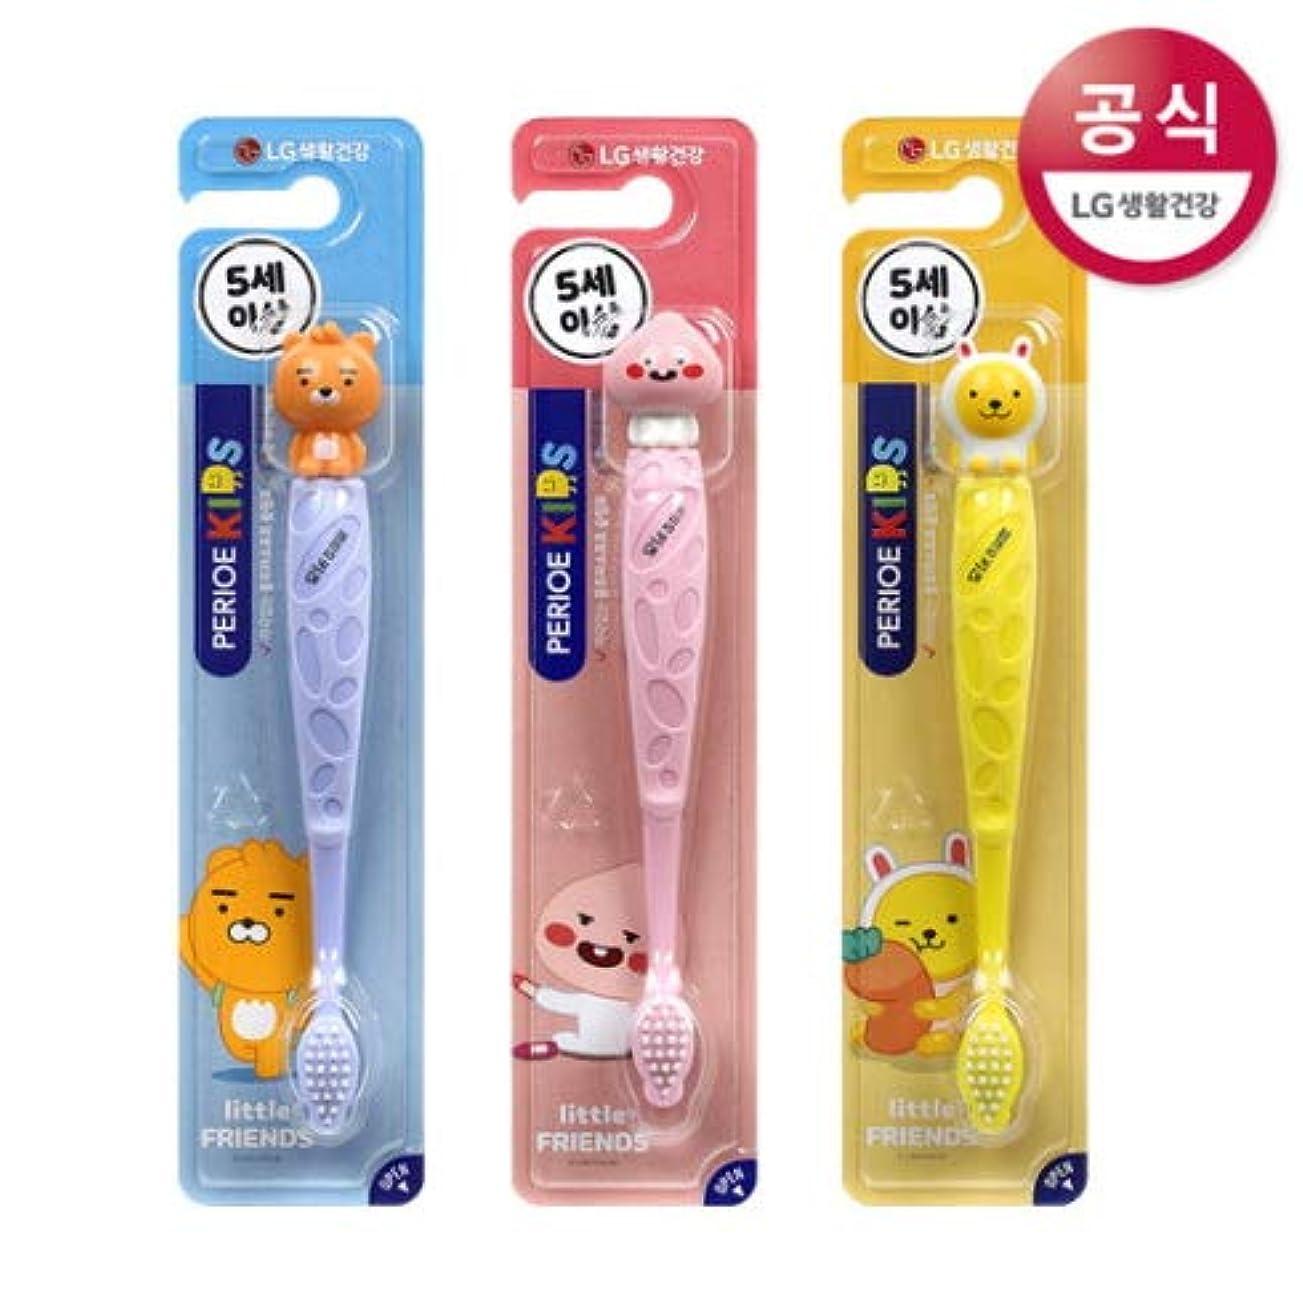 付ける削除するロック[LG HnB] Pero Kids Cocoa Figure Toothbrush/ペリオ子供カカオフィギュア歯ブラシ 1口x3個(海外直送品)